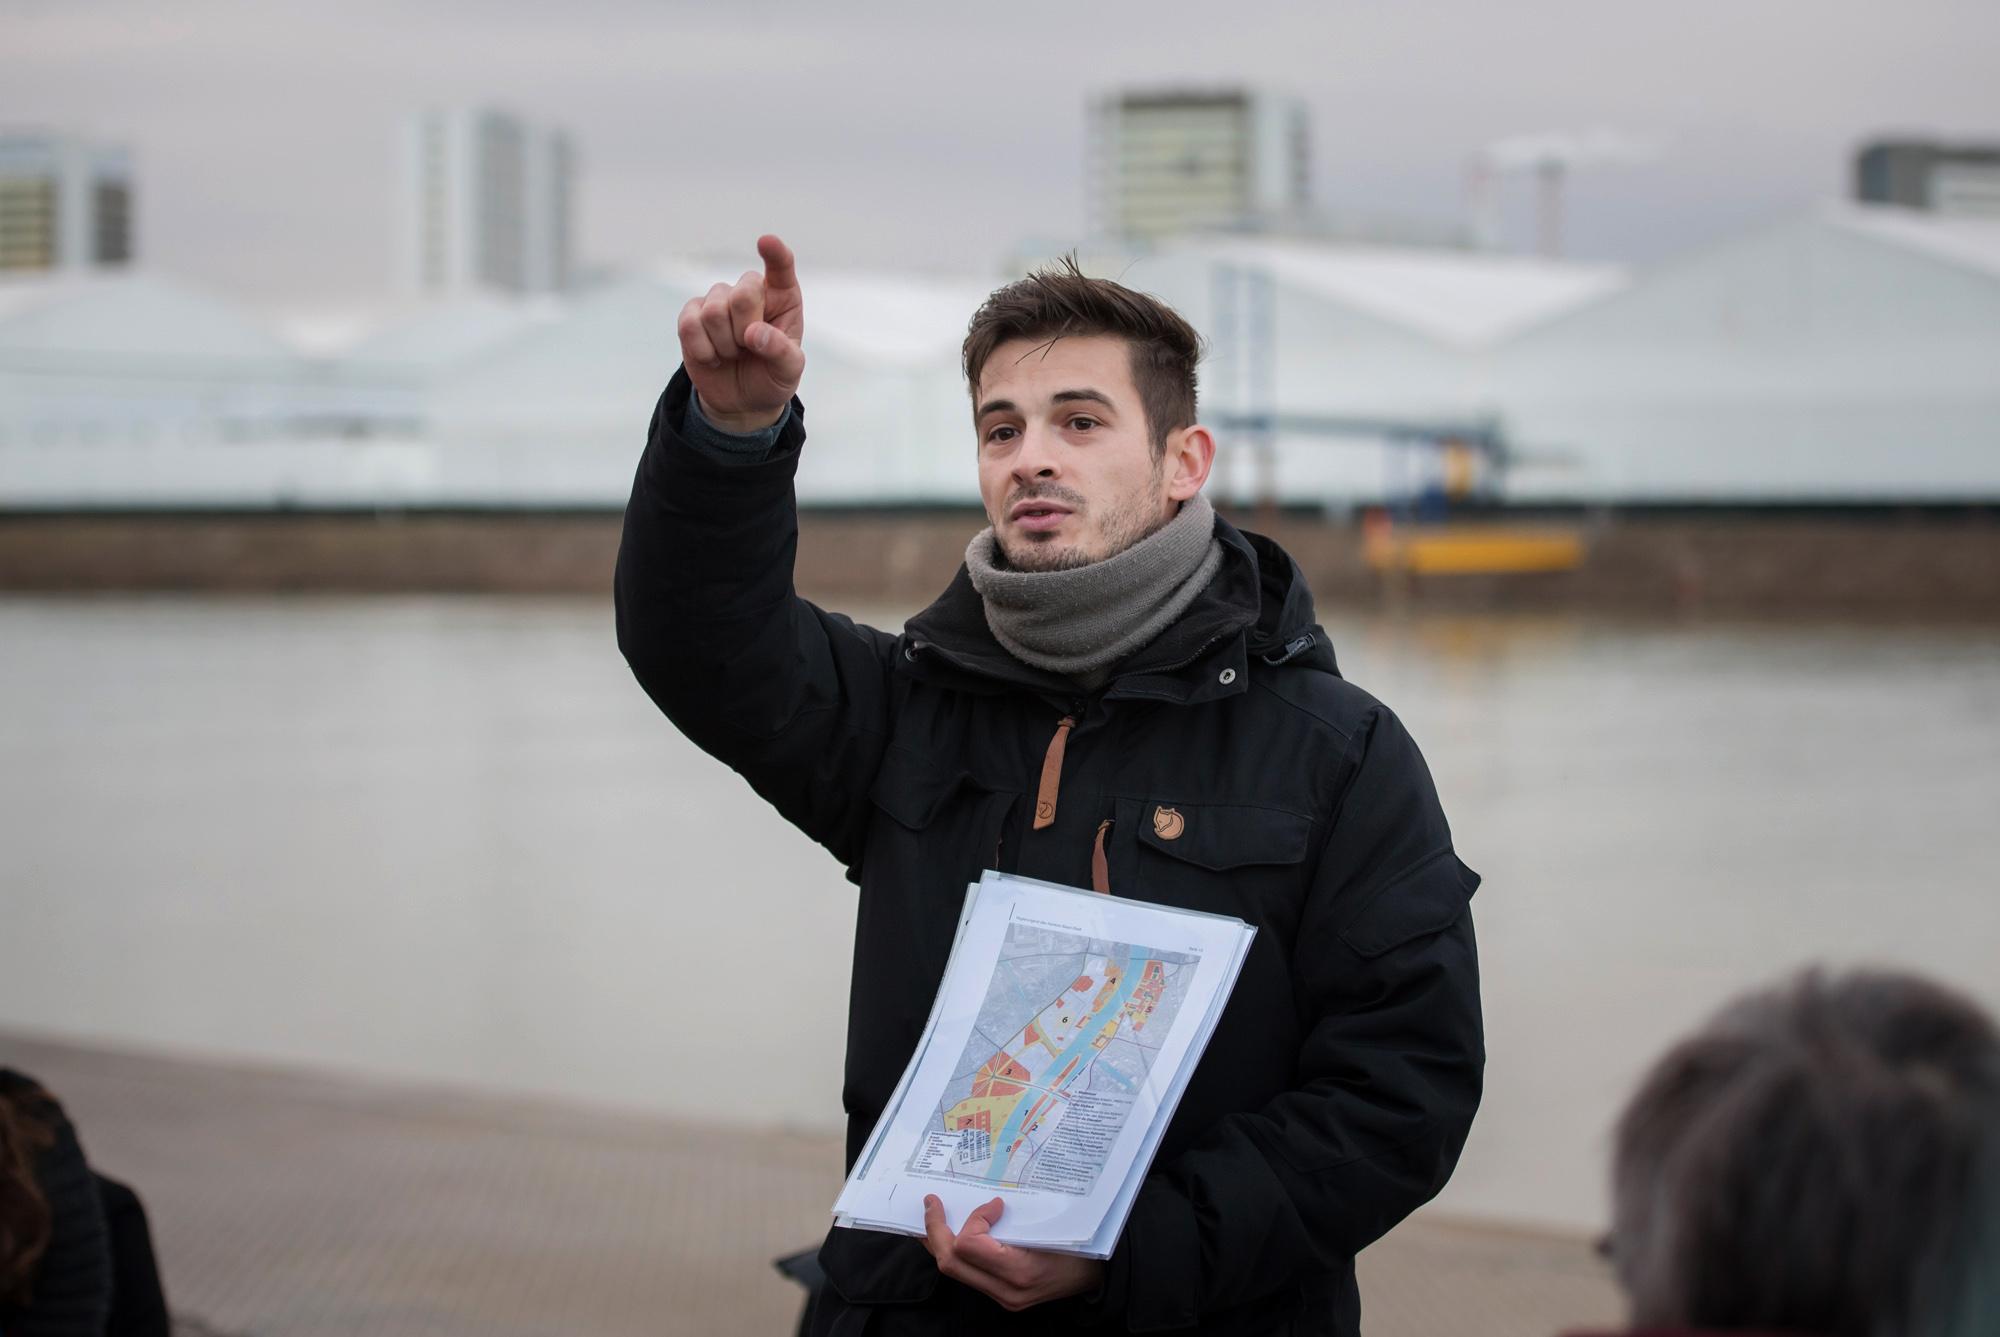 Reto Bürgin zeigt eine «Entwicklungsvision» des Projektes «3Land», die für Widerstände aus der Bevölkerung gesorgt hat.